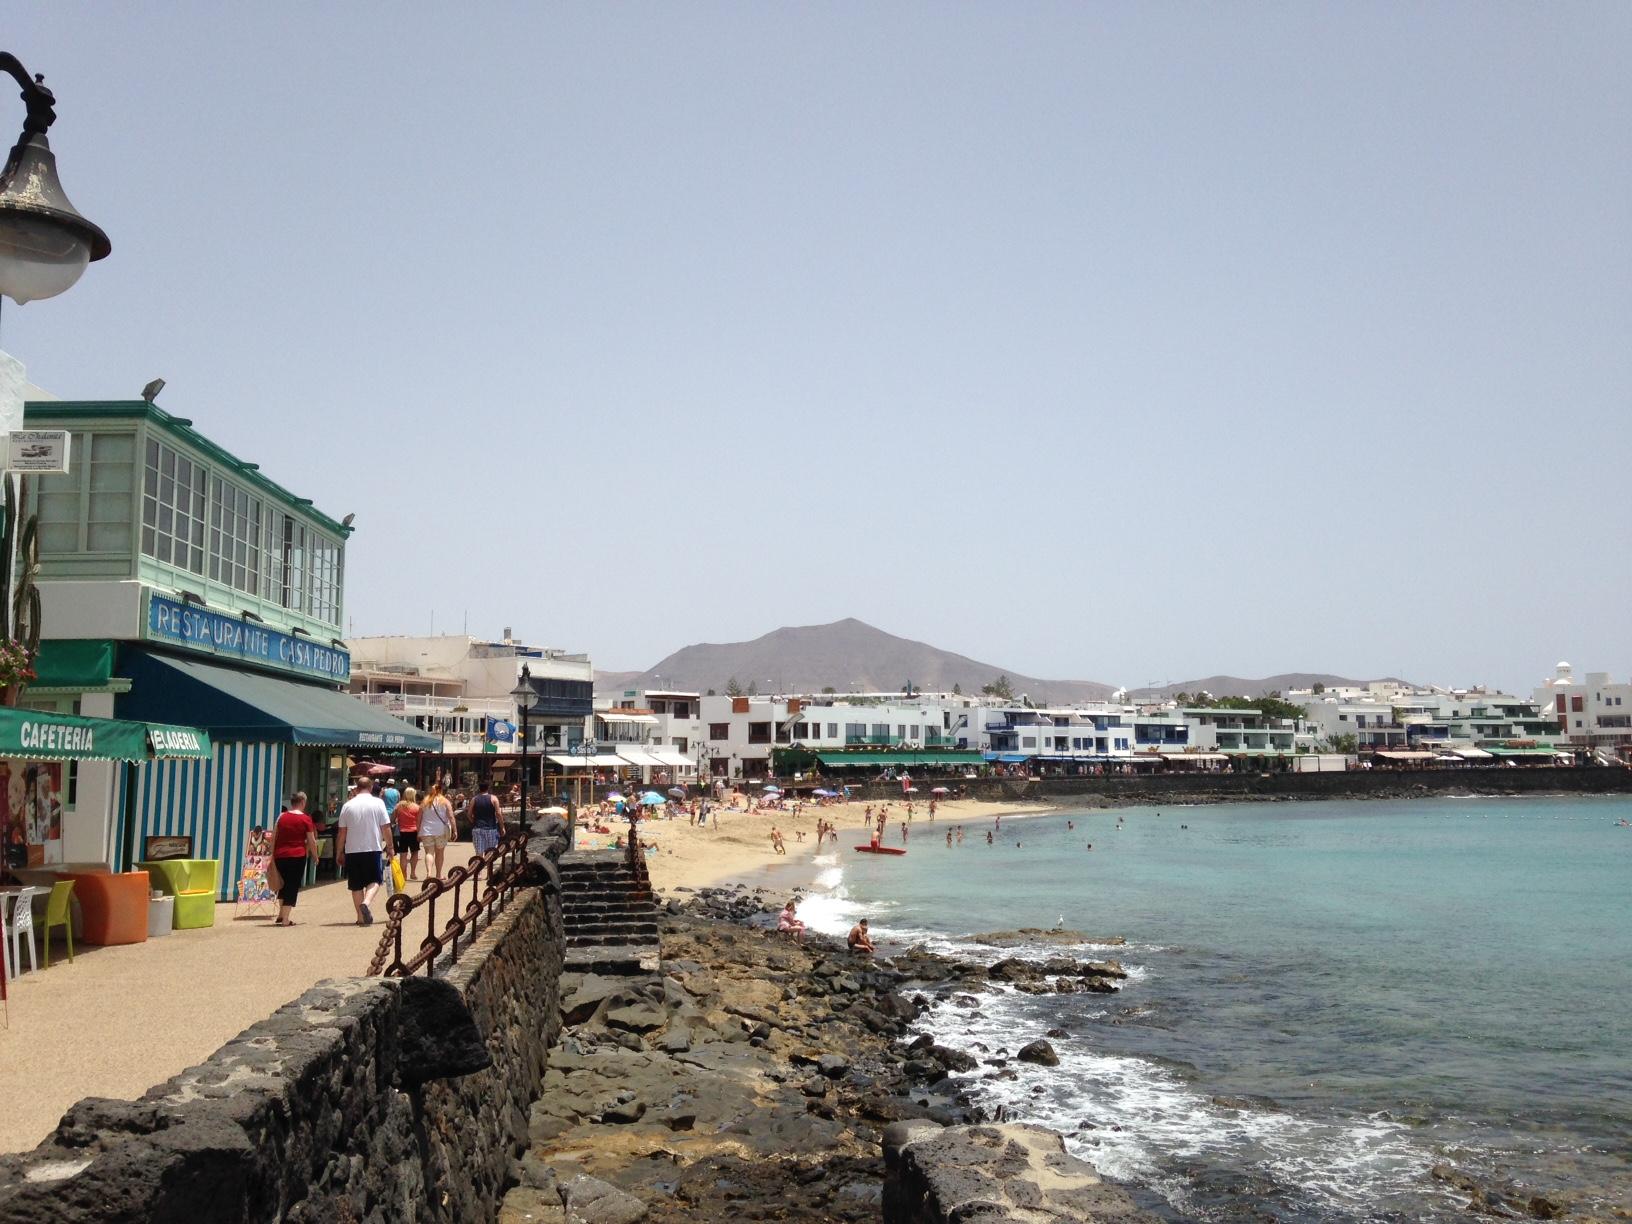 Town Beach and promenade